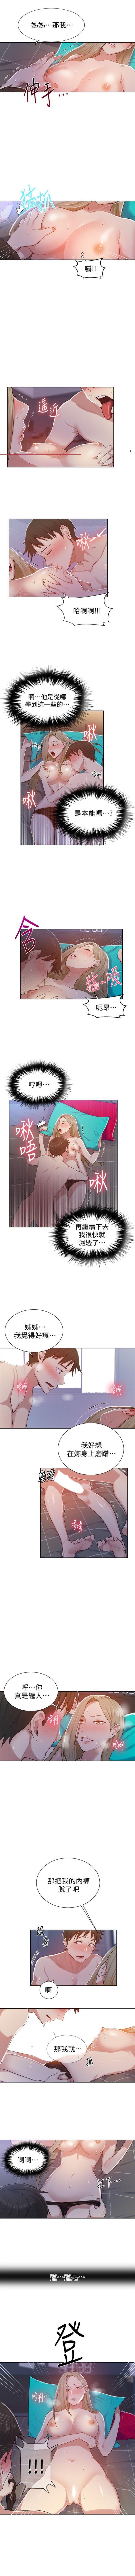 (週6)秘密教學  1-35 中文翻譯 (更新中) 82